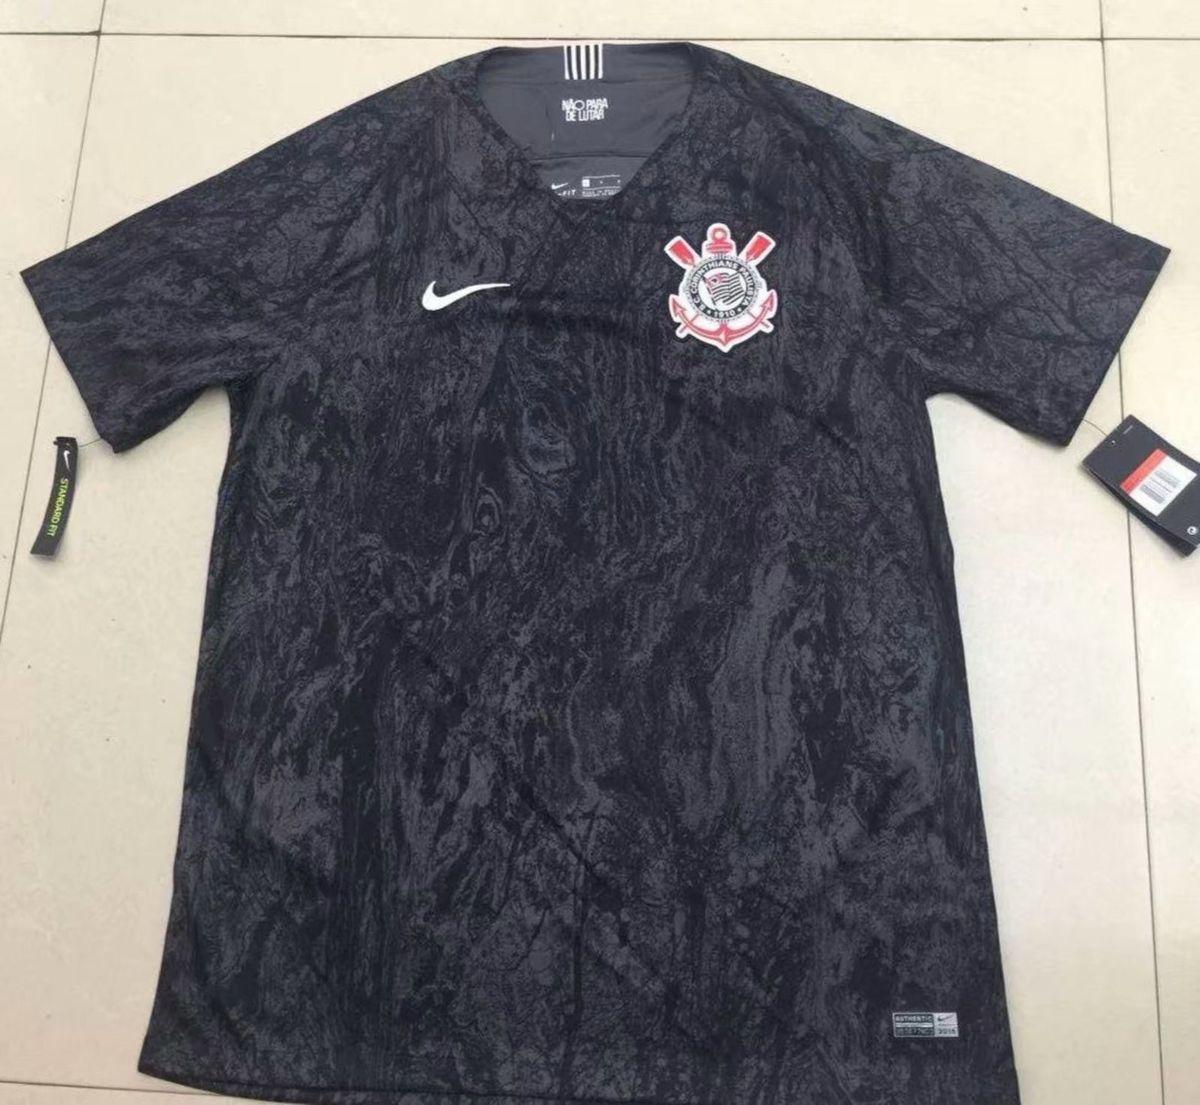 camisa do corinthians preta importada pronta entrega - esportes nike bdfbf1650c9ad